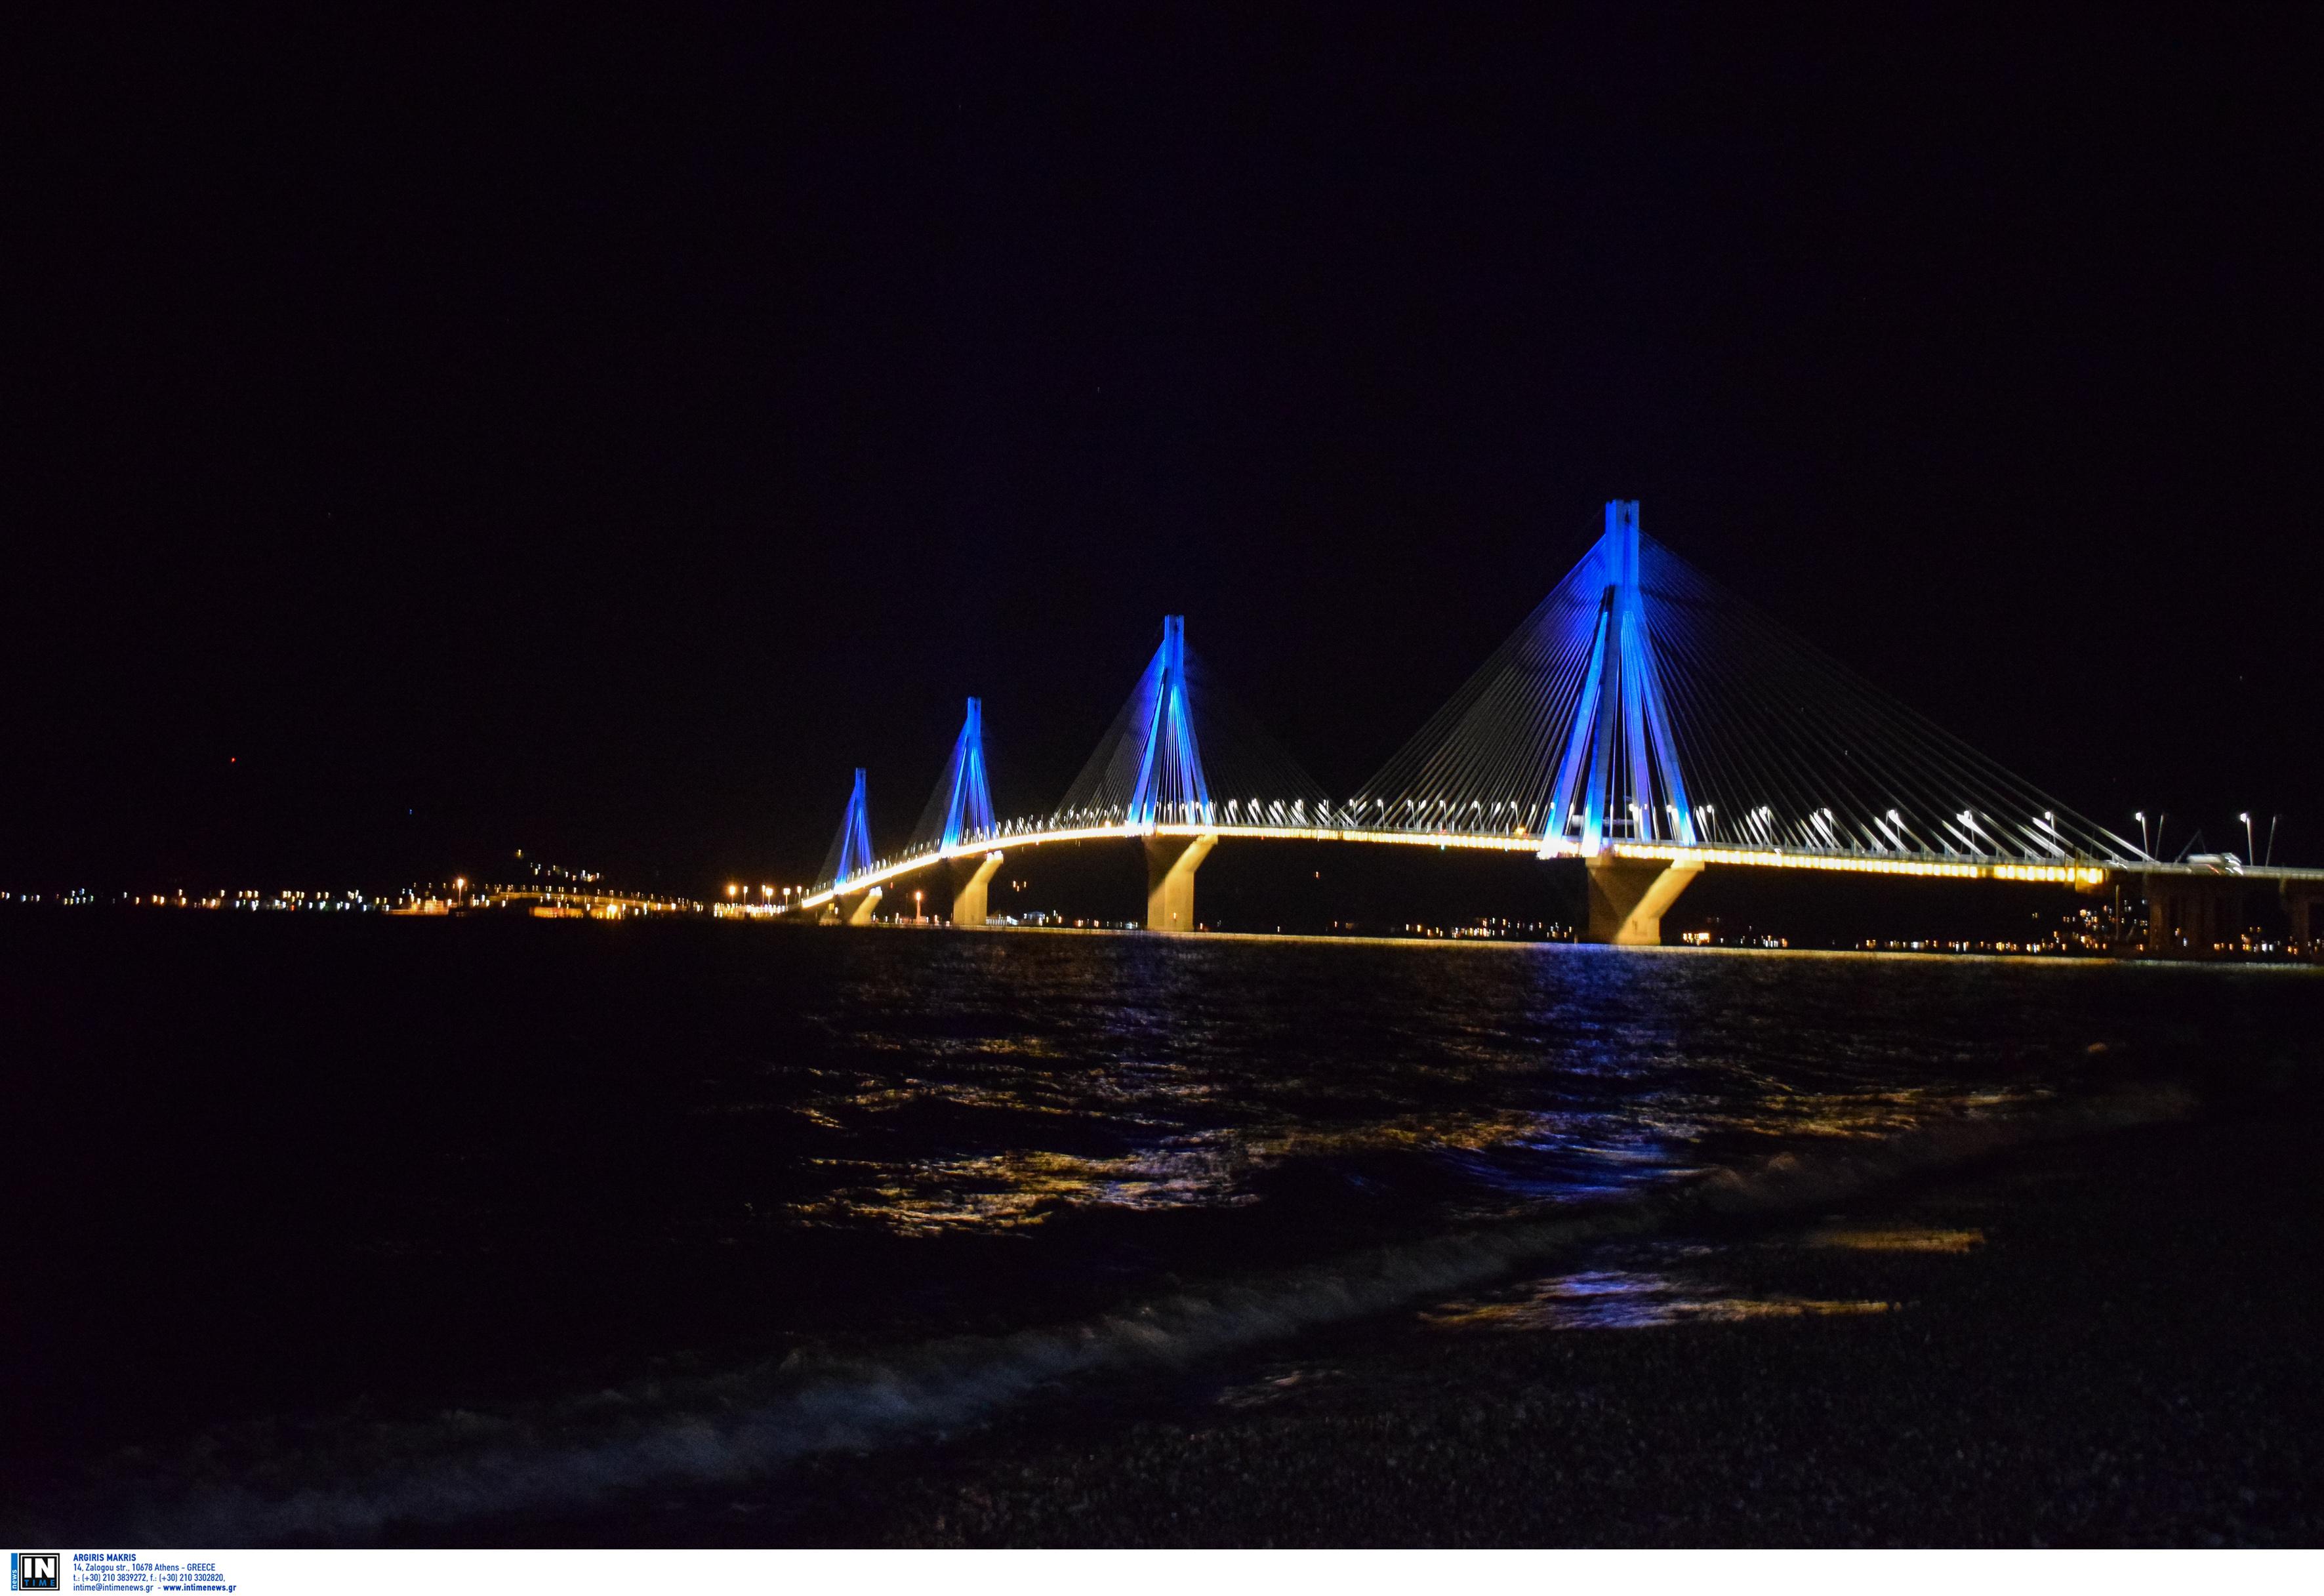 Η φωταγωγημένη γέφυρα Ρίου – Αντιρρίου θα σας κόψει την ανάσα